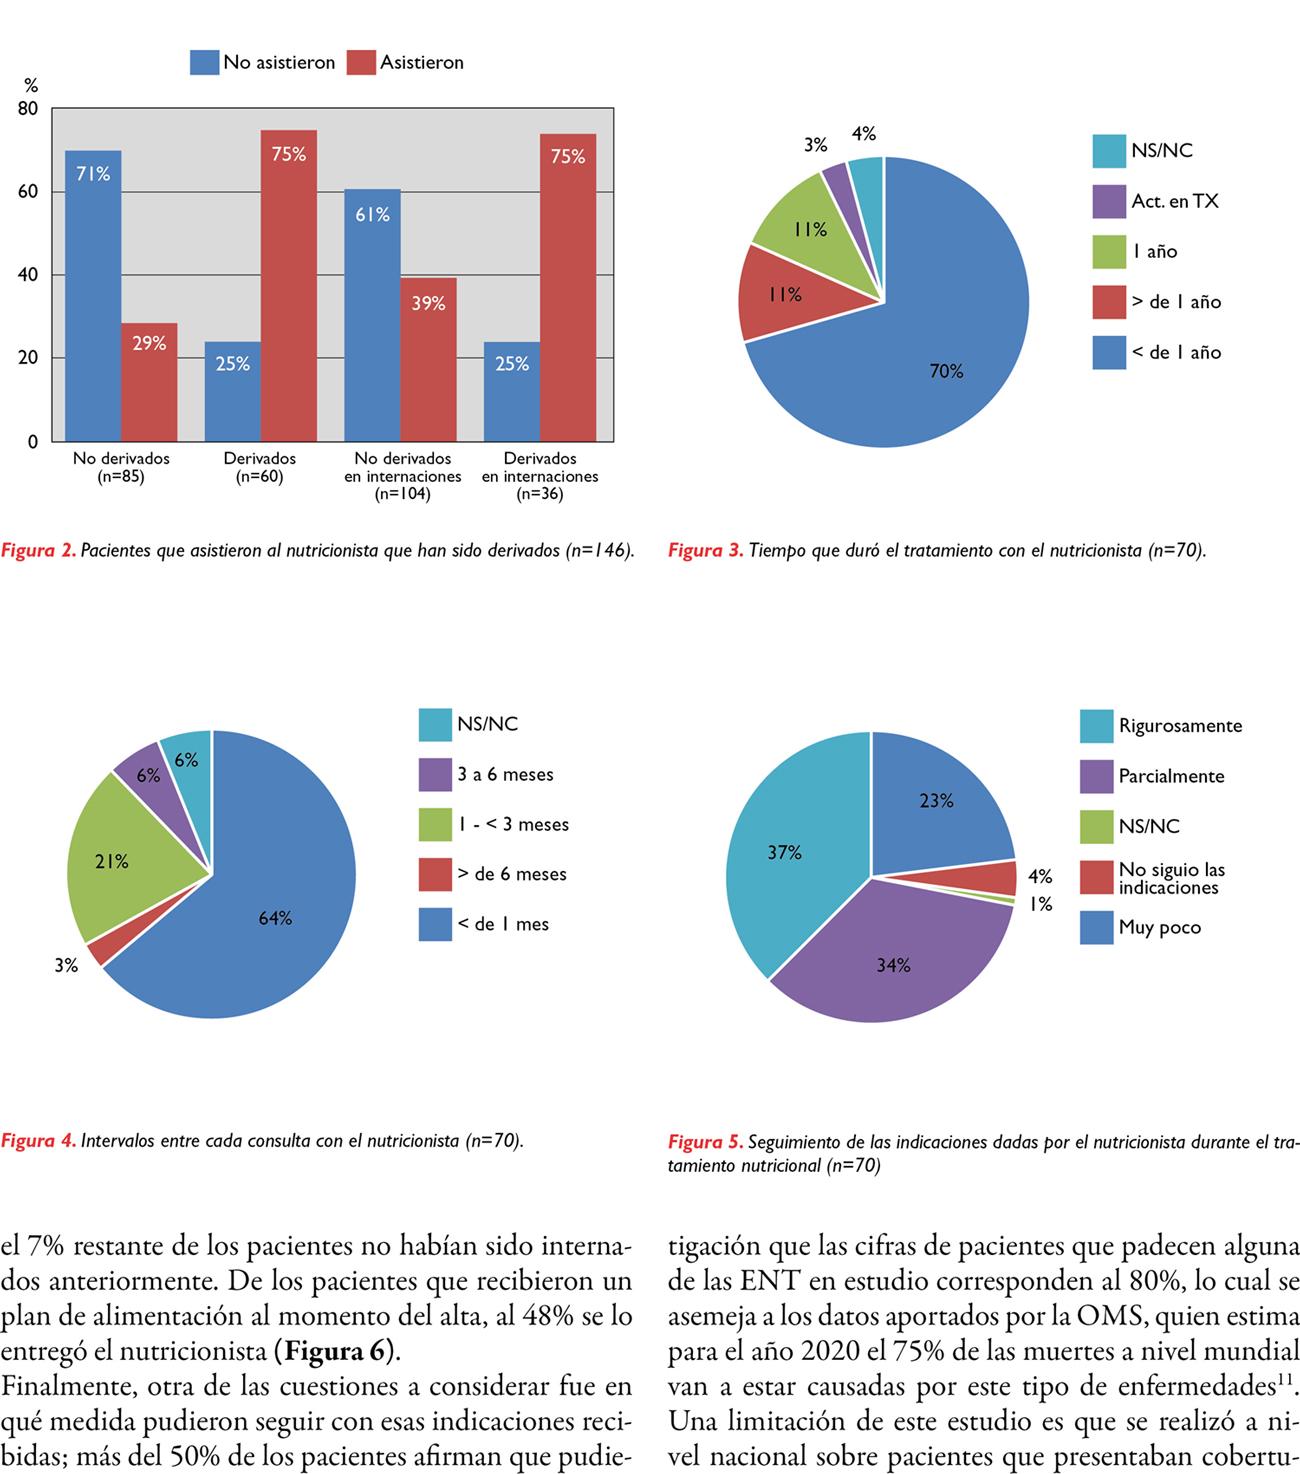 Caracterización de la intervención nutricional previa en pacientes con enfermedades no transmisibles internados en el Hospital Británico de Buenos Aires